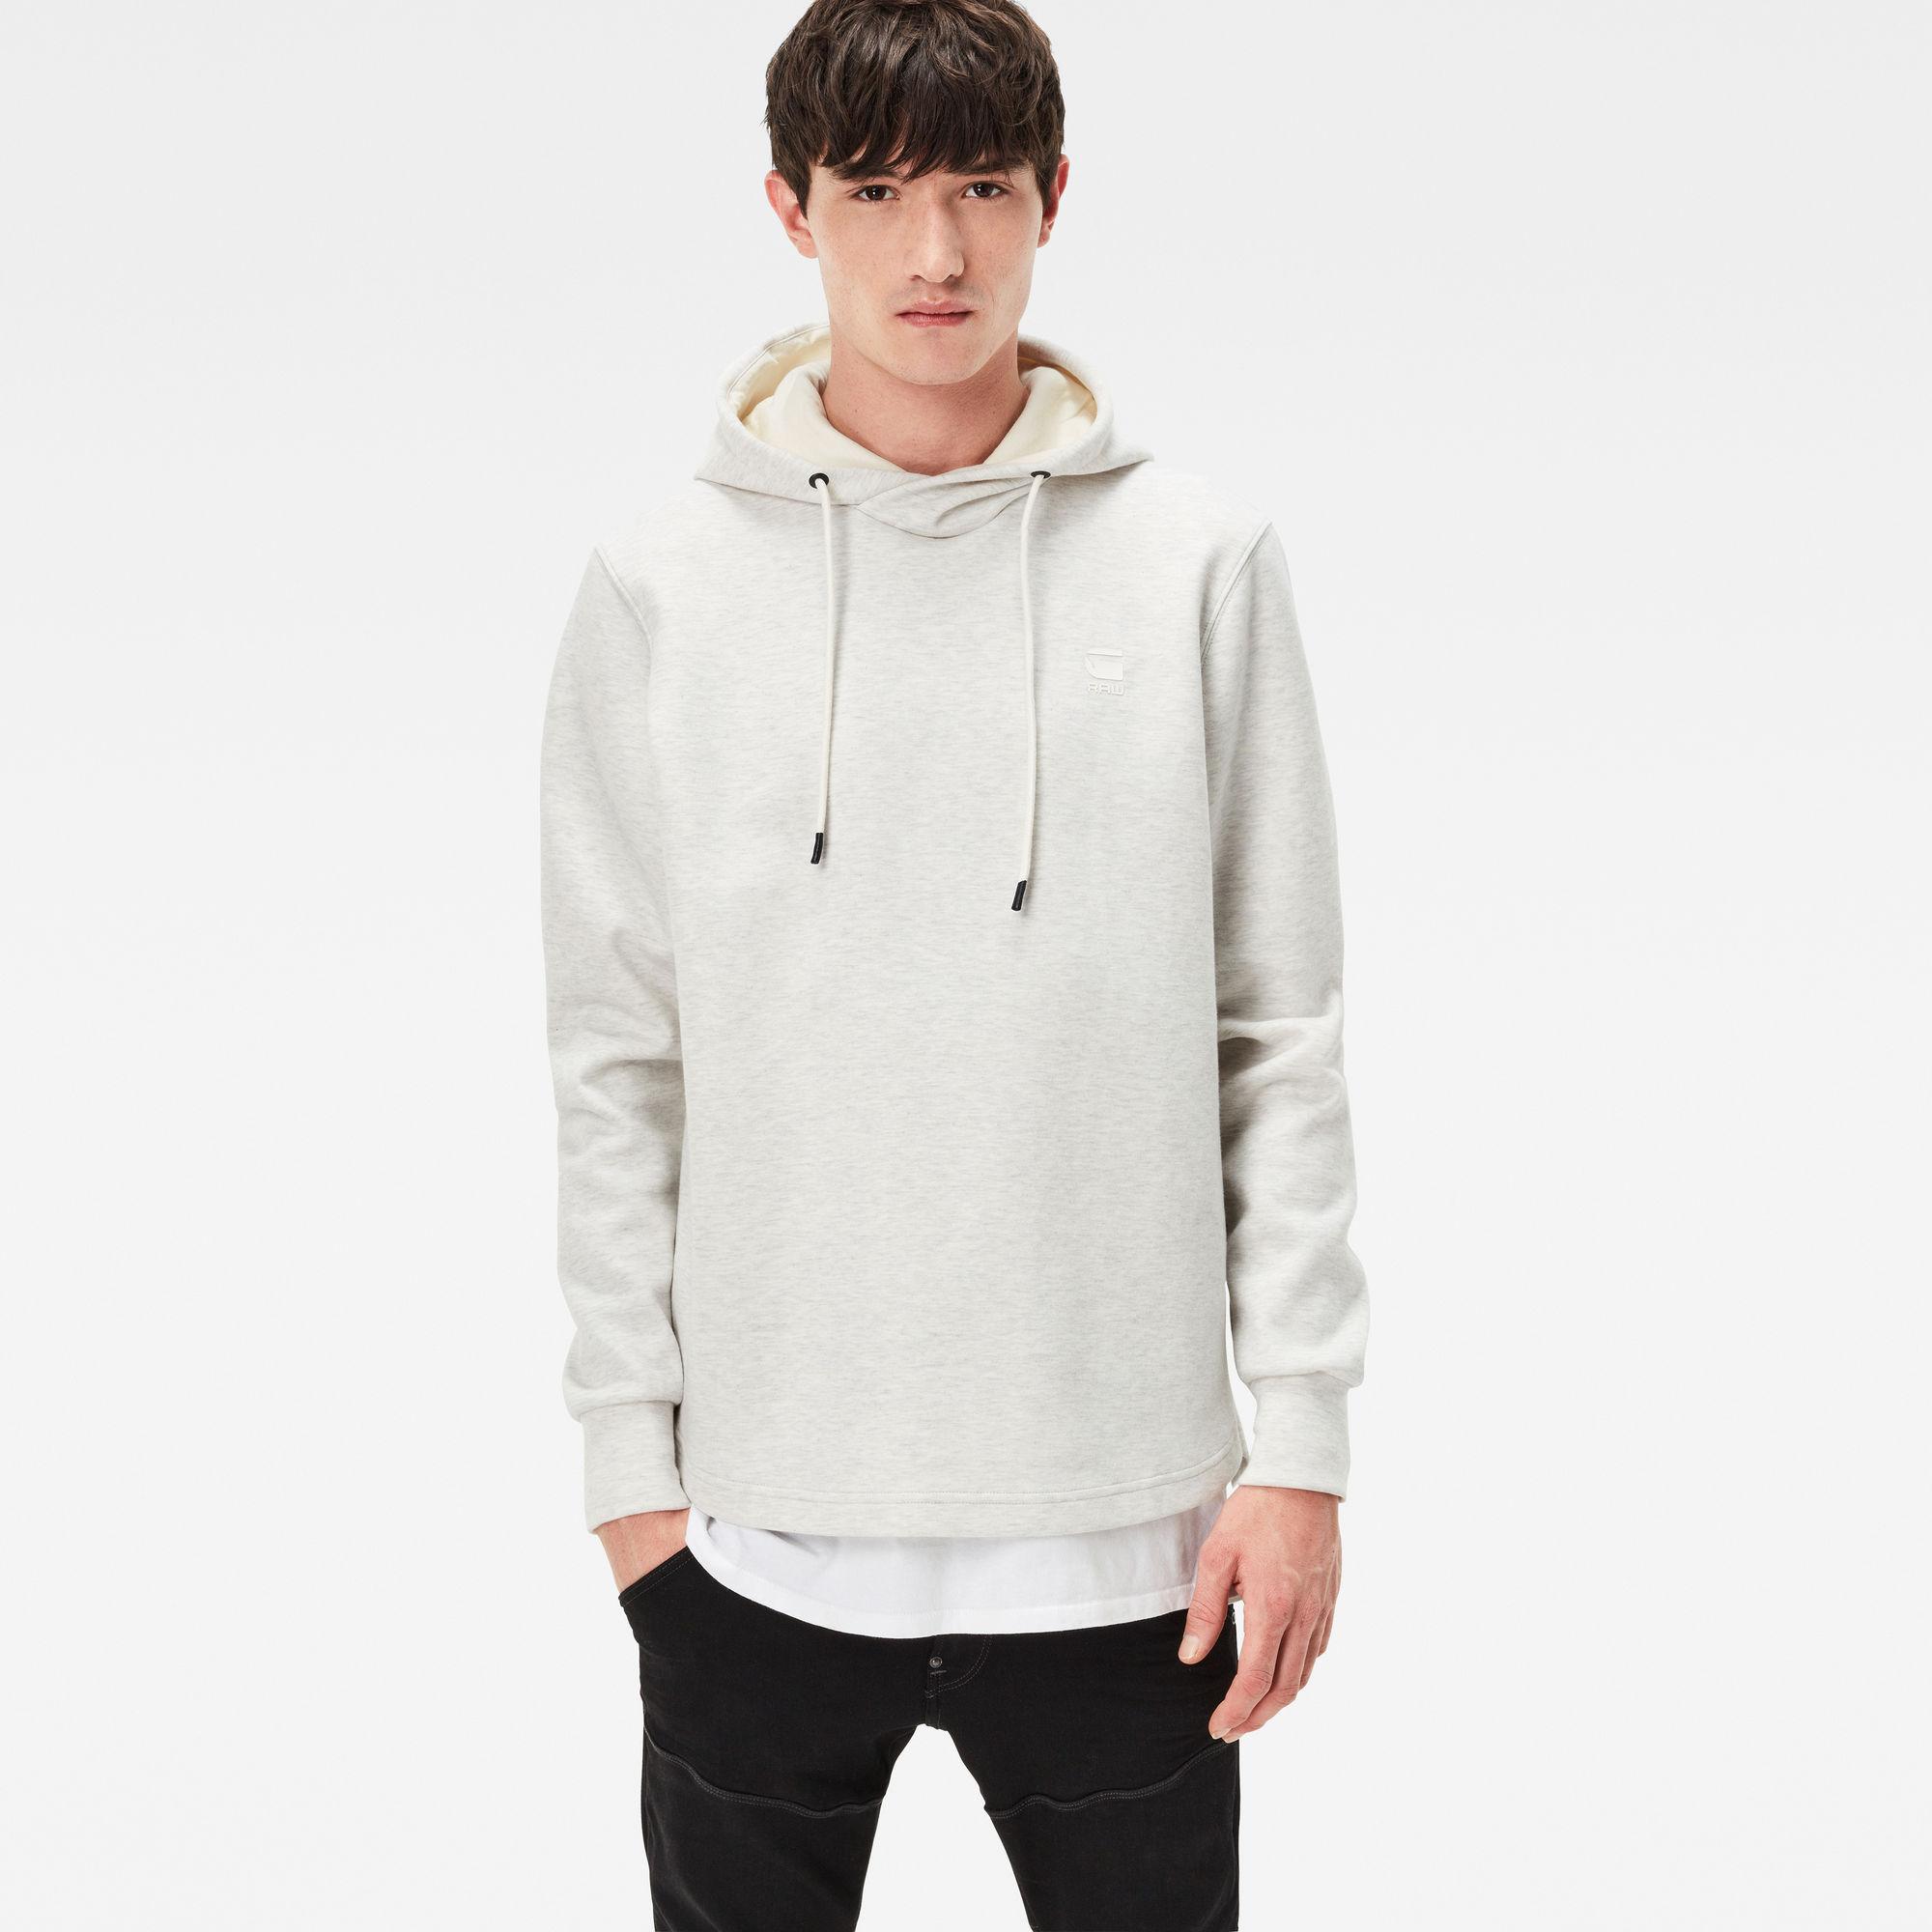 Calow Zip Hooded Sweater